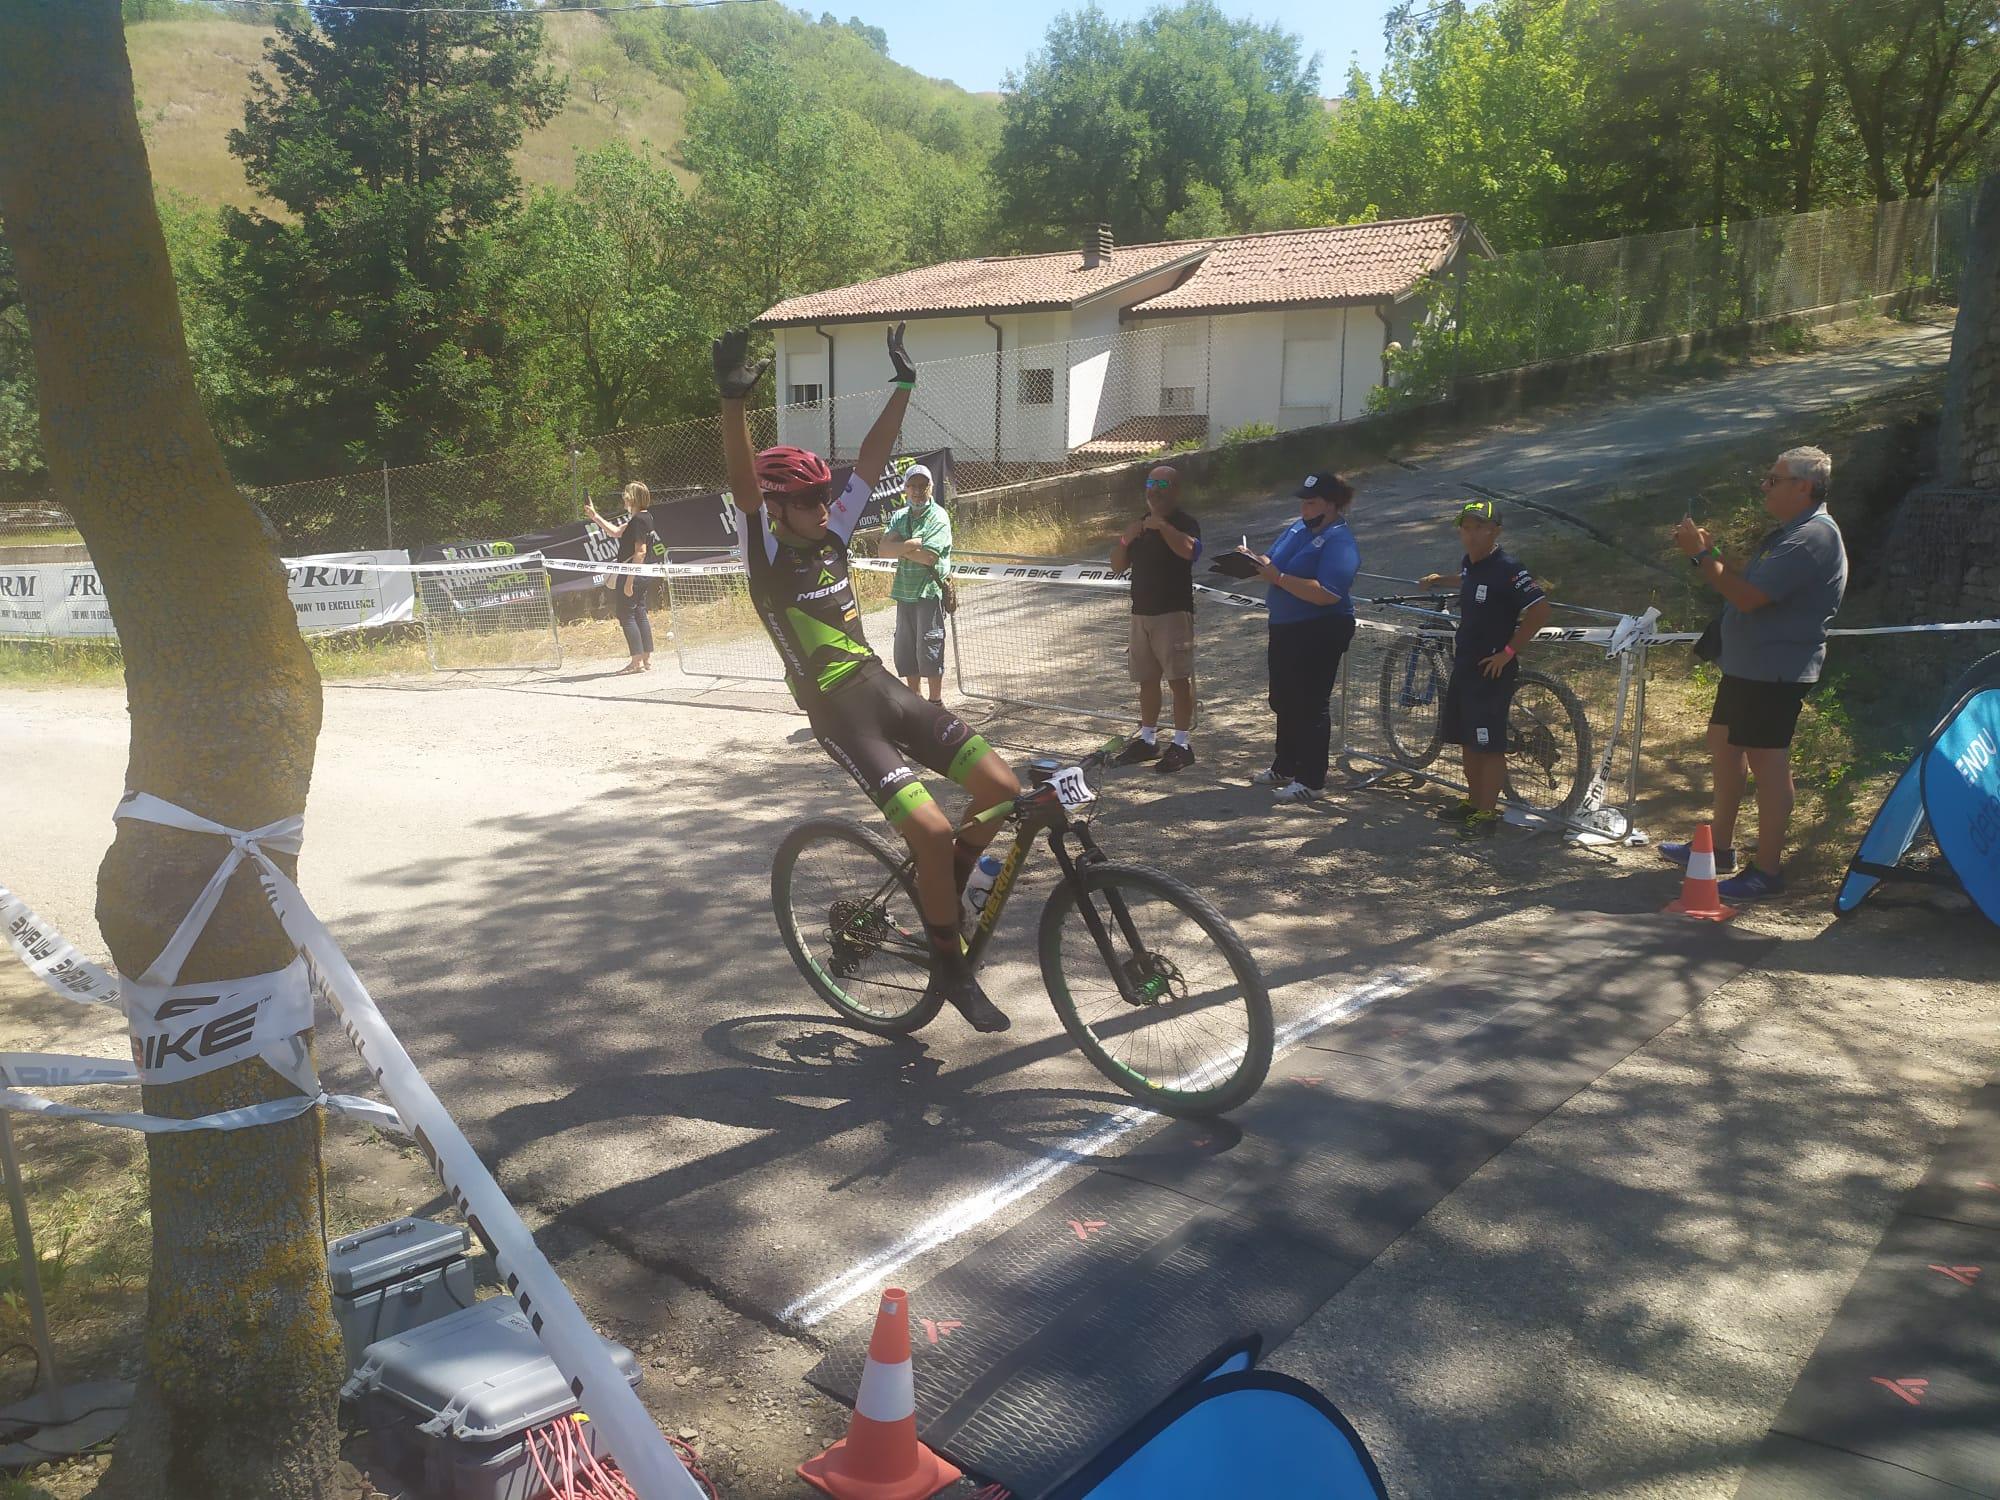 Giorgio Tombini primo tra gli Juniores a Riolo Terme